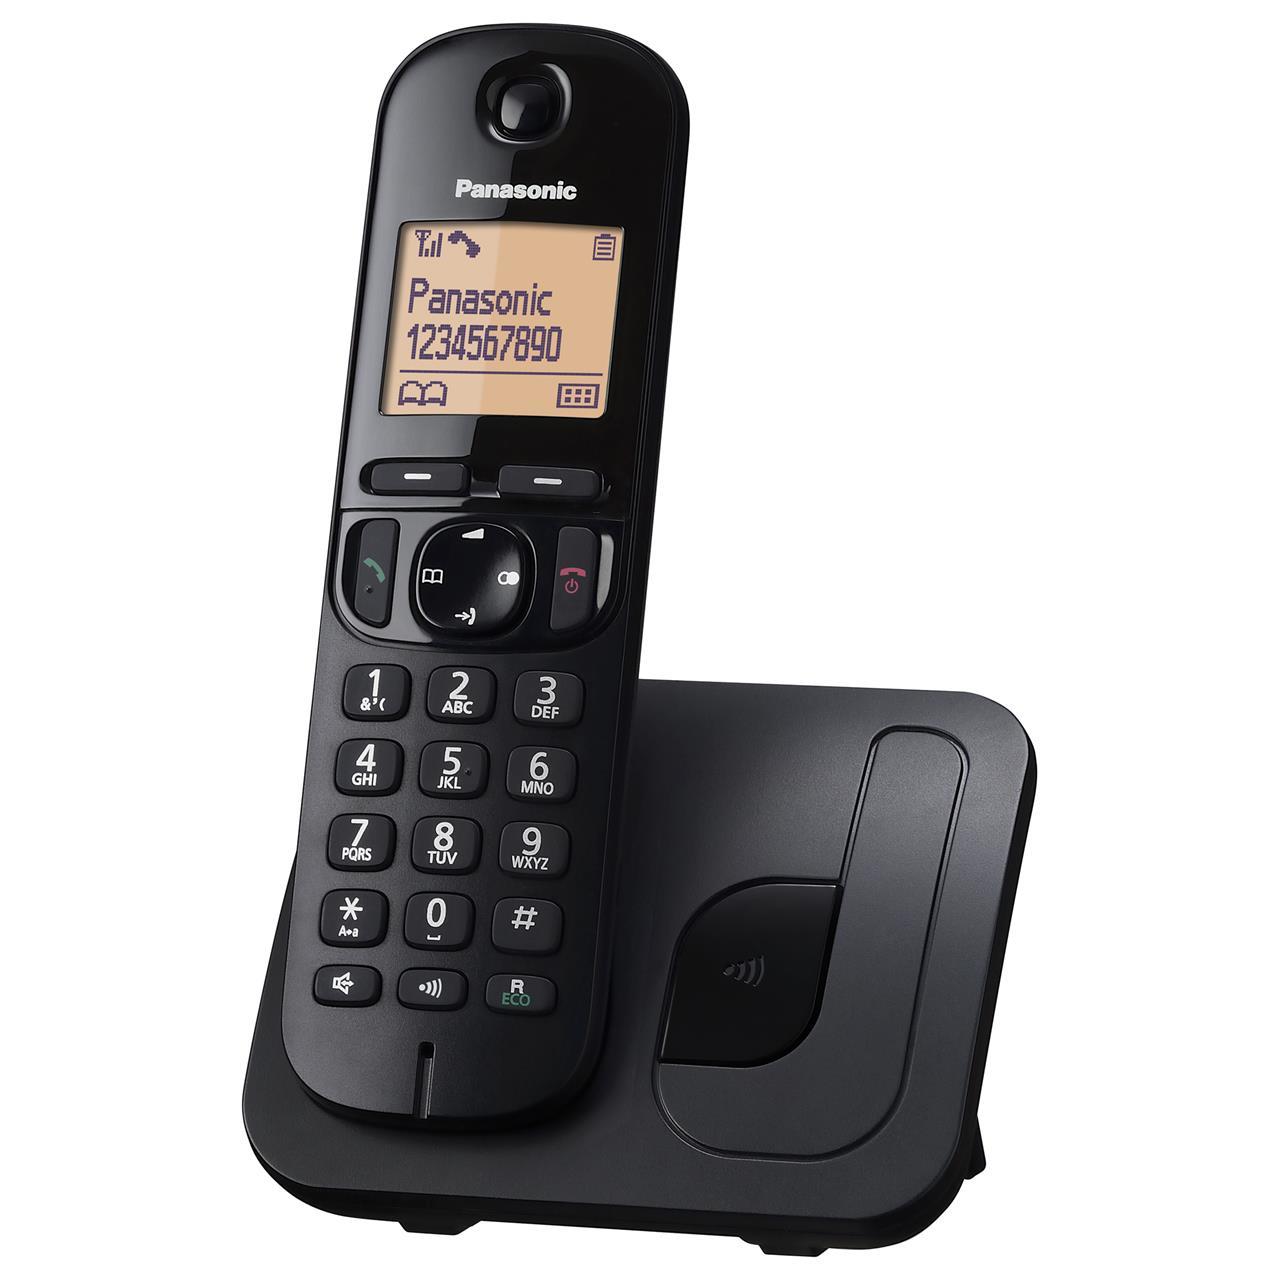 Điện thoại Panasonic KX-TGC210 màn hình LCD 1.6 inch.